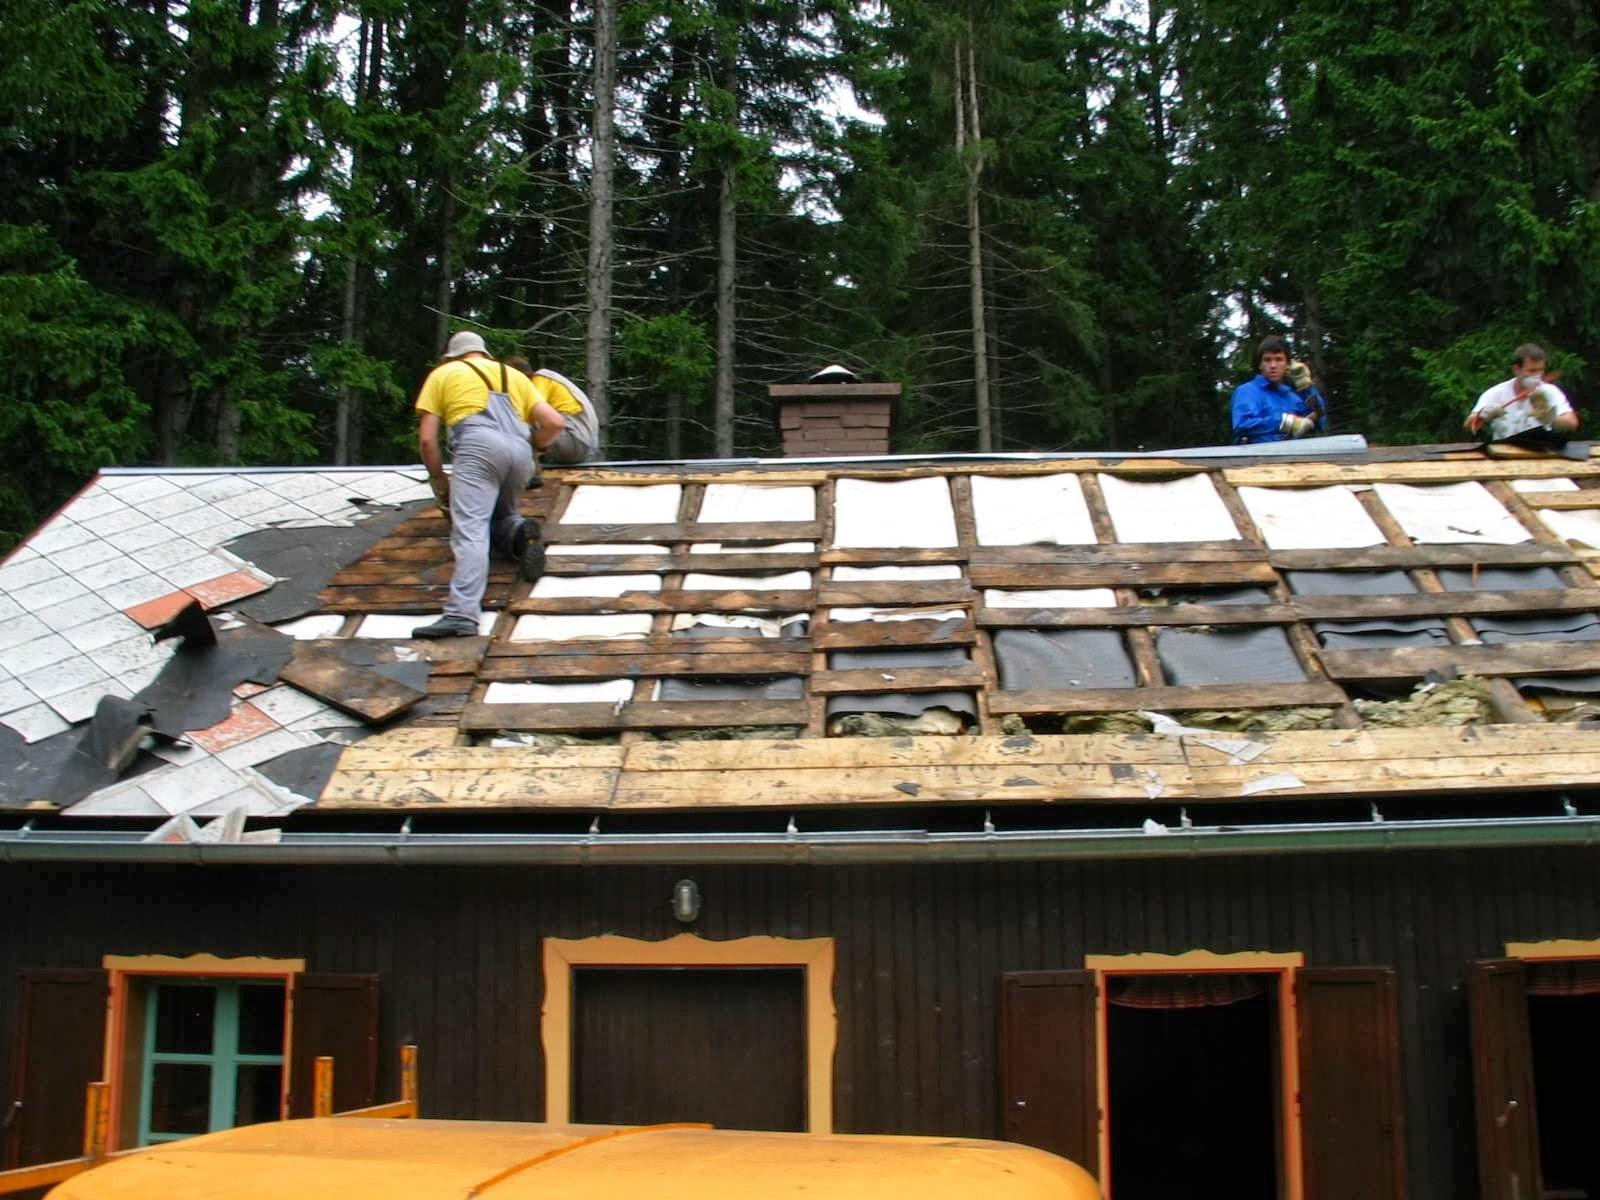 Delovna akcija - Streha, Črni dol 2006 - streha%2B056.jpg